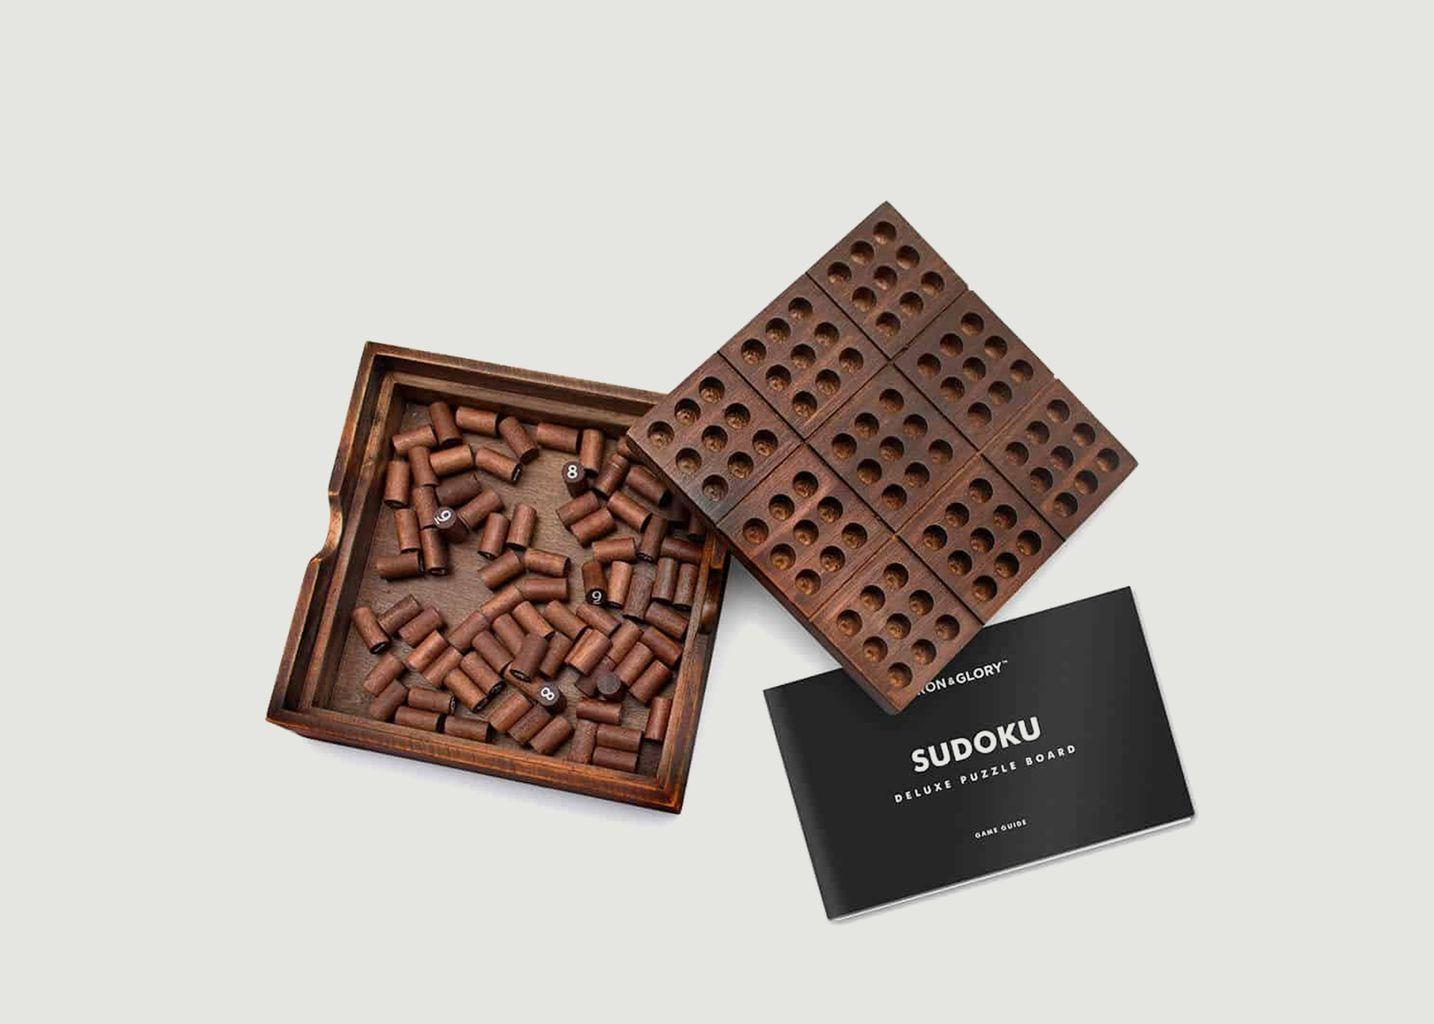 Sudoku en bois  - Luckies